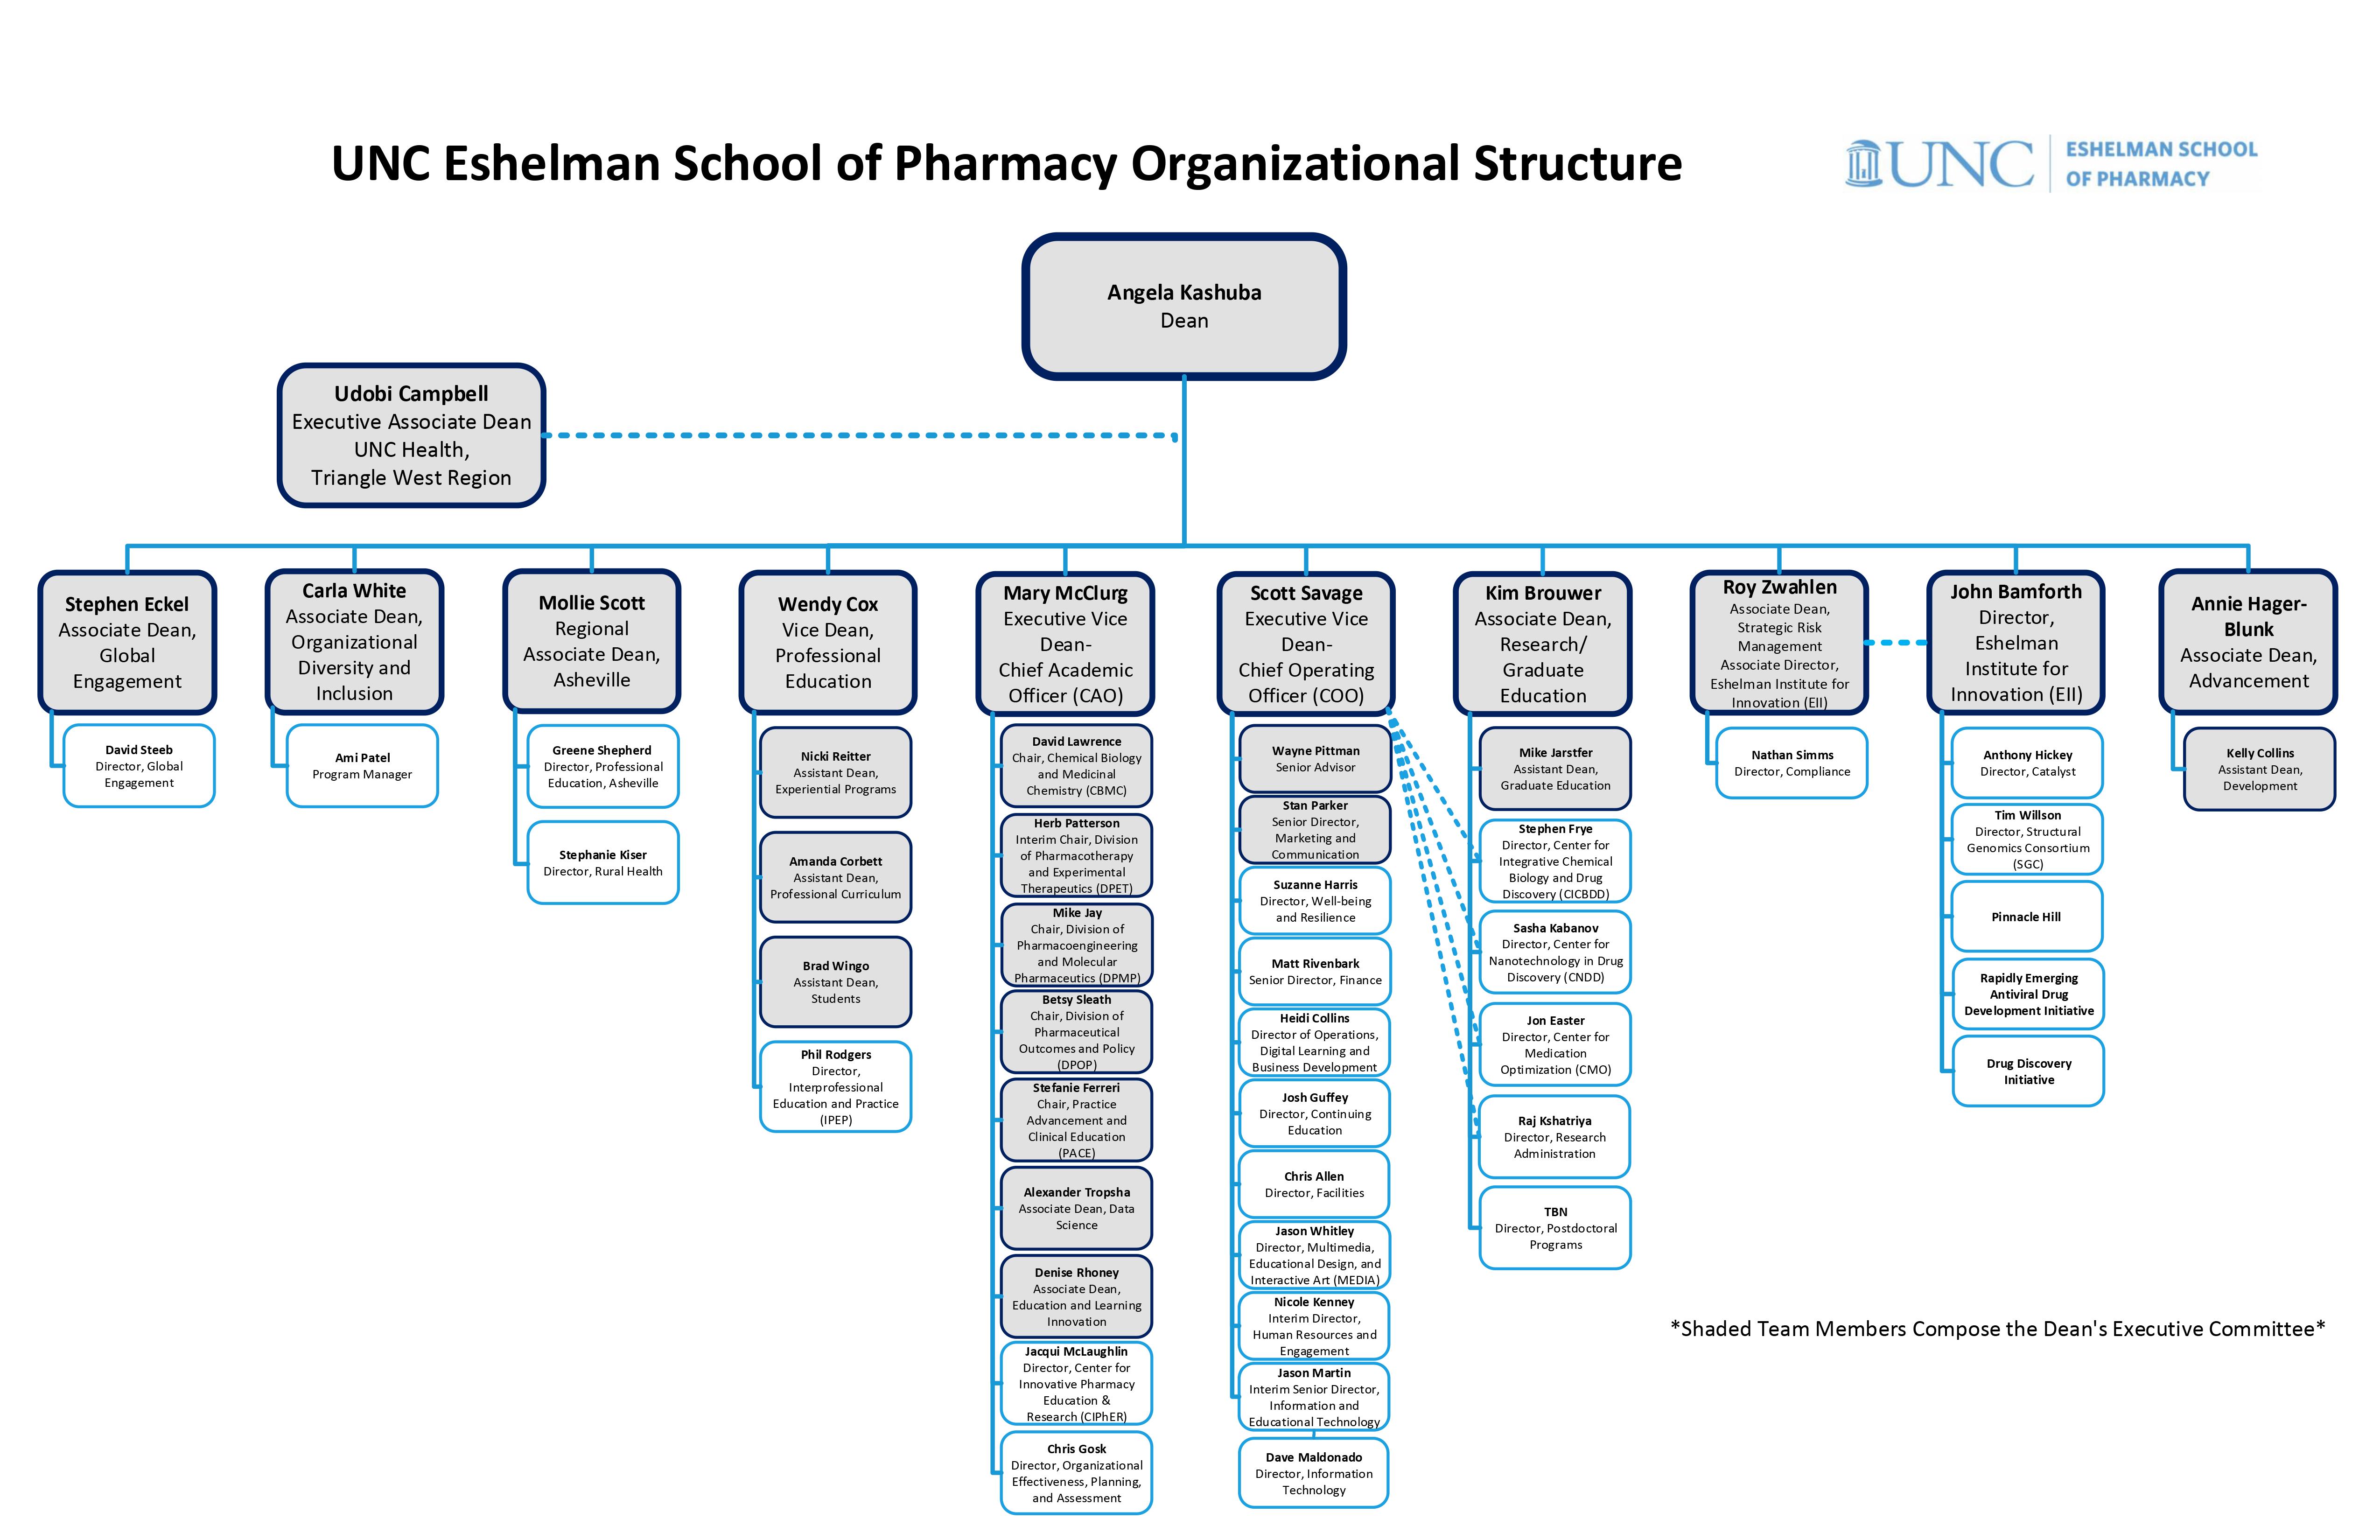 ESOP Organization Chart